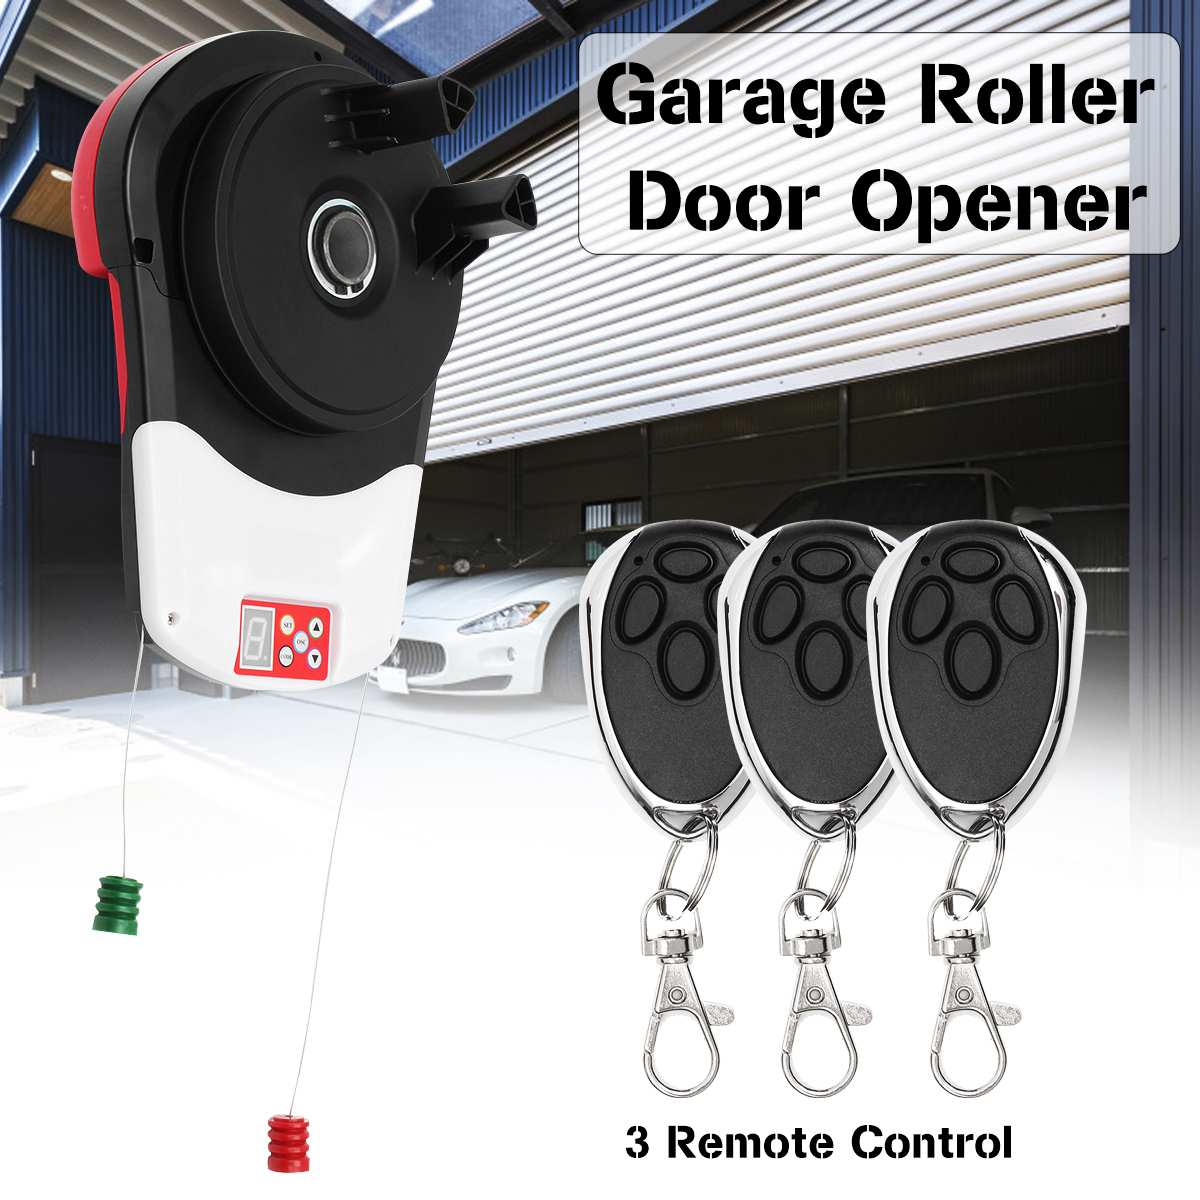 110V 600N Auto Garage Roller Door Opener Motor 3 Remote Controls Garage Door Roller Gate Hardware Tools110V 600N Auto Garage Roller Door Opener Motor 3 Remote Controls Garage Door Roller Gate Hardware Tools